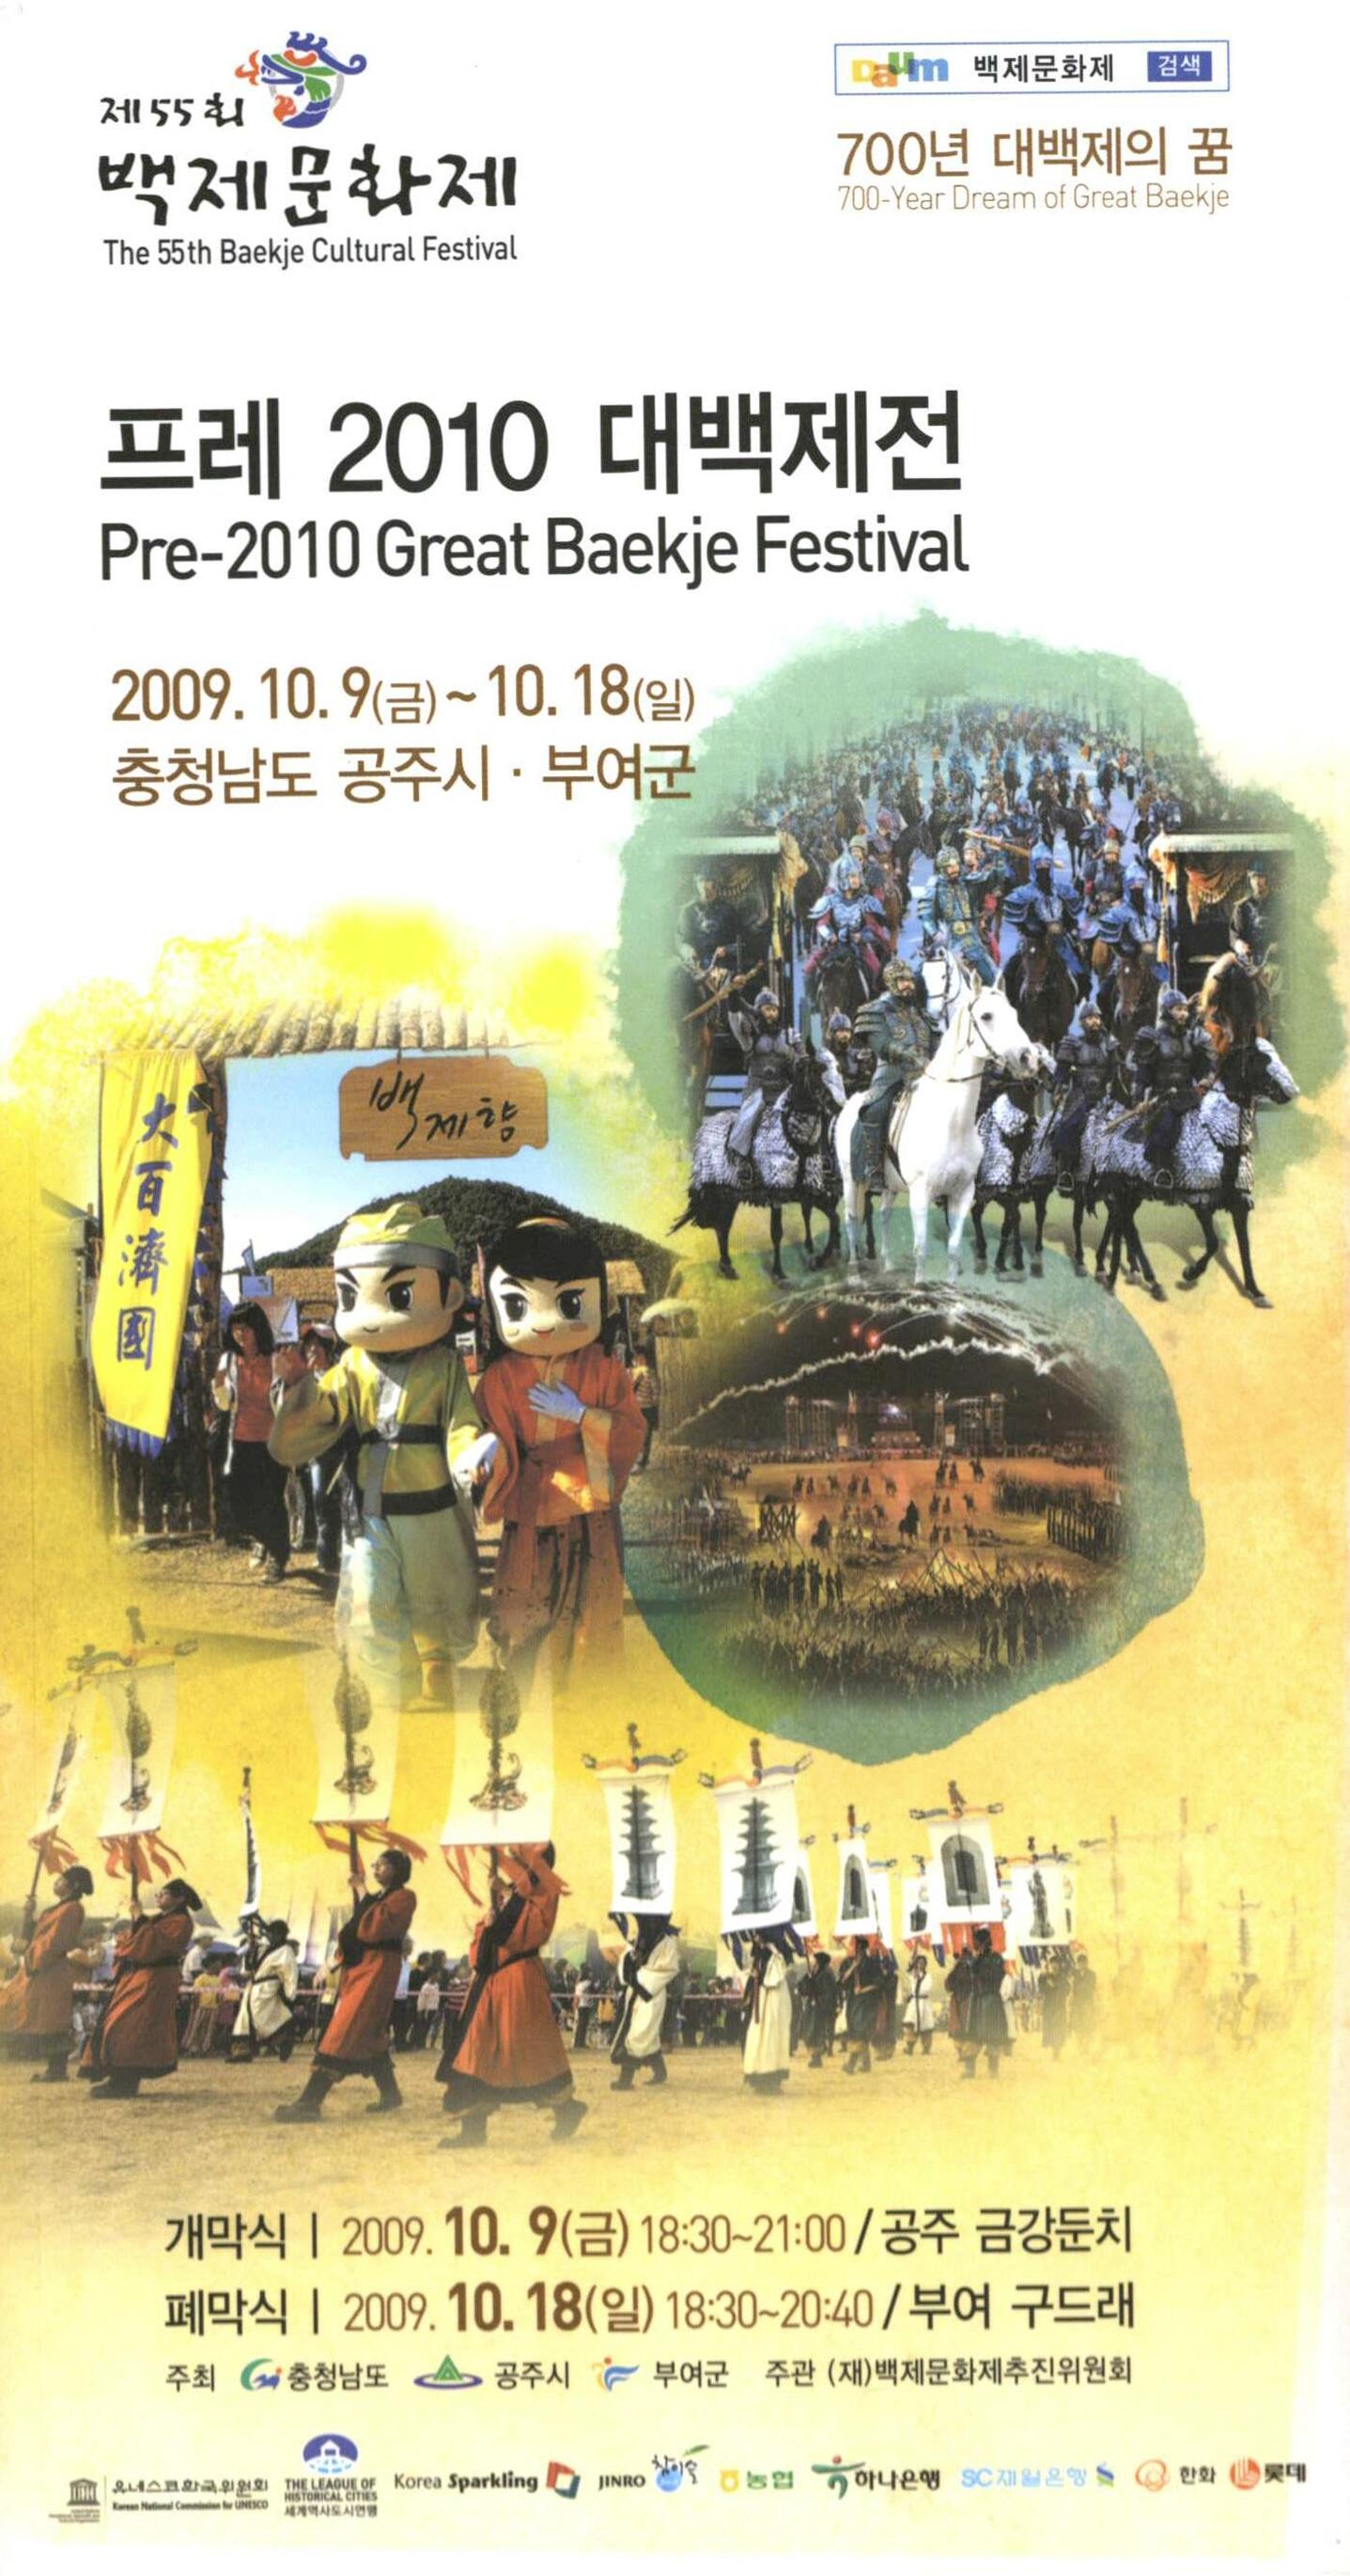 프레 2010 대백제전